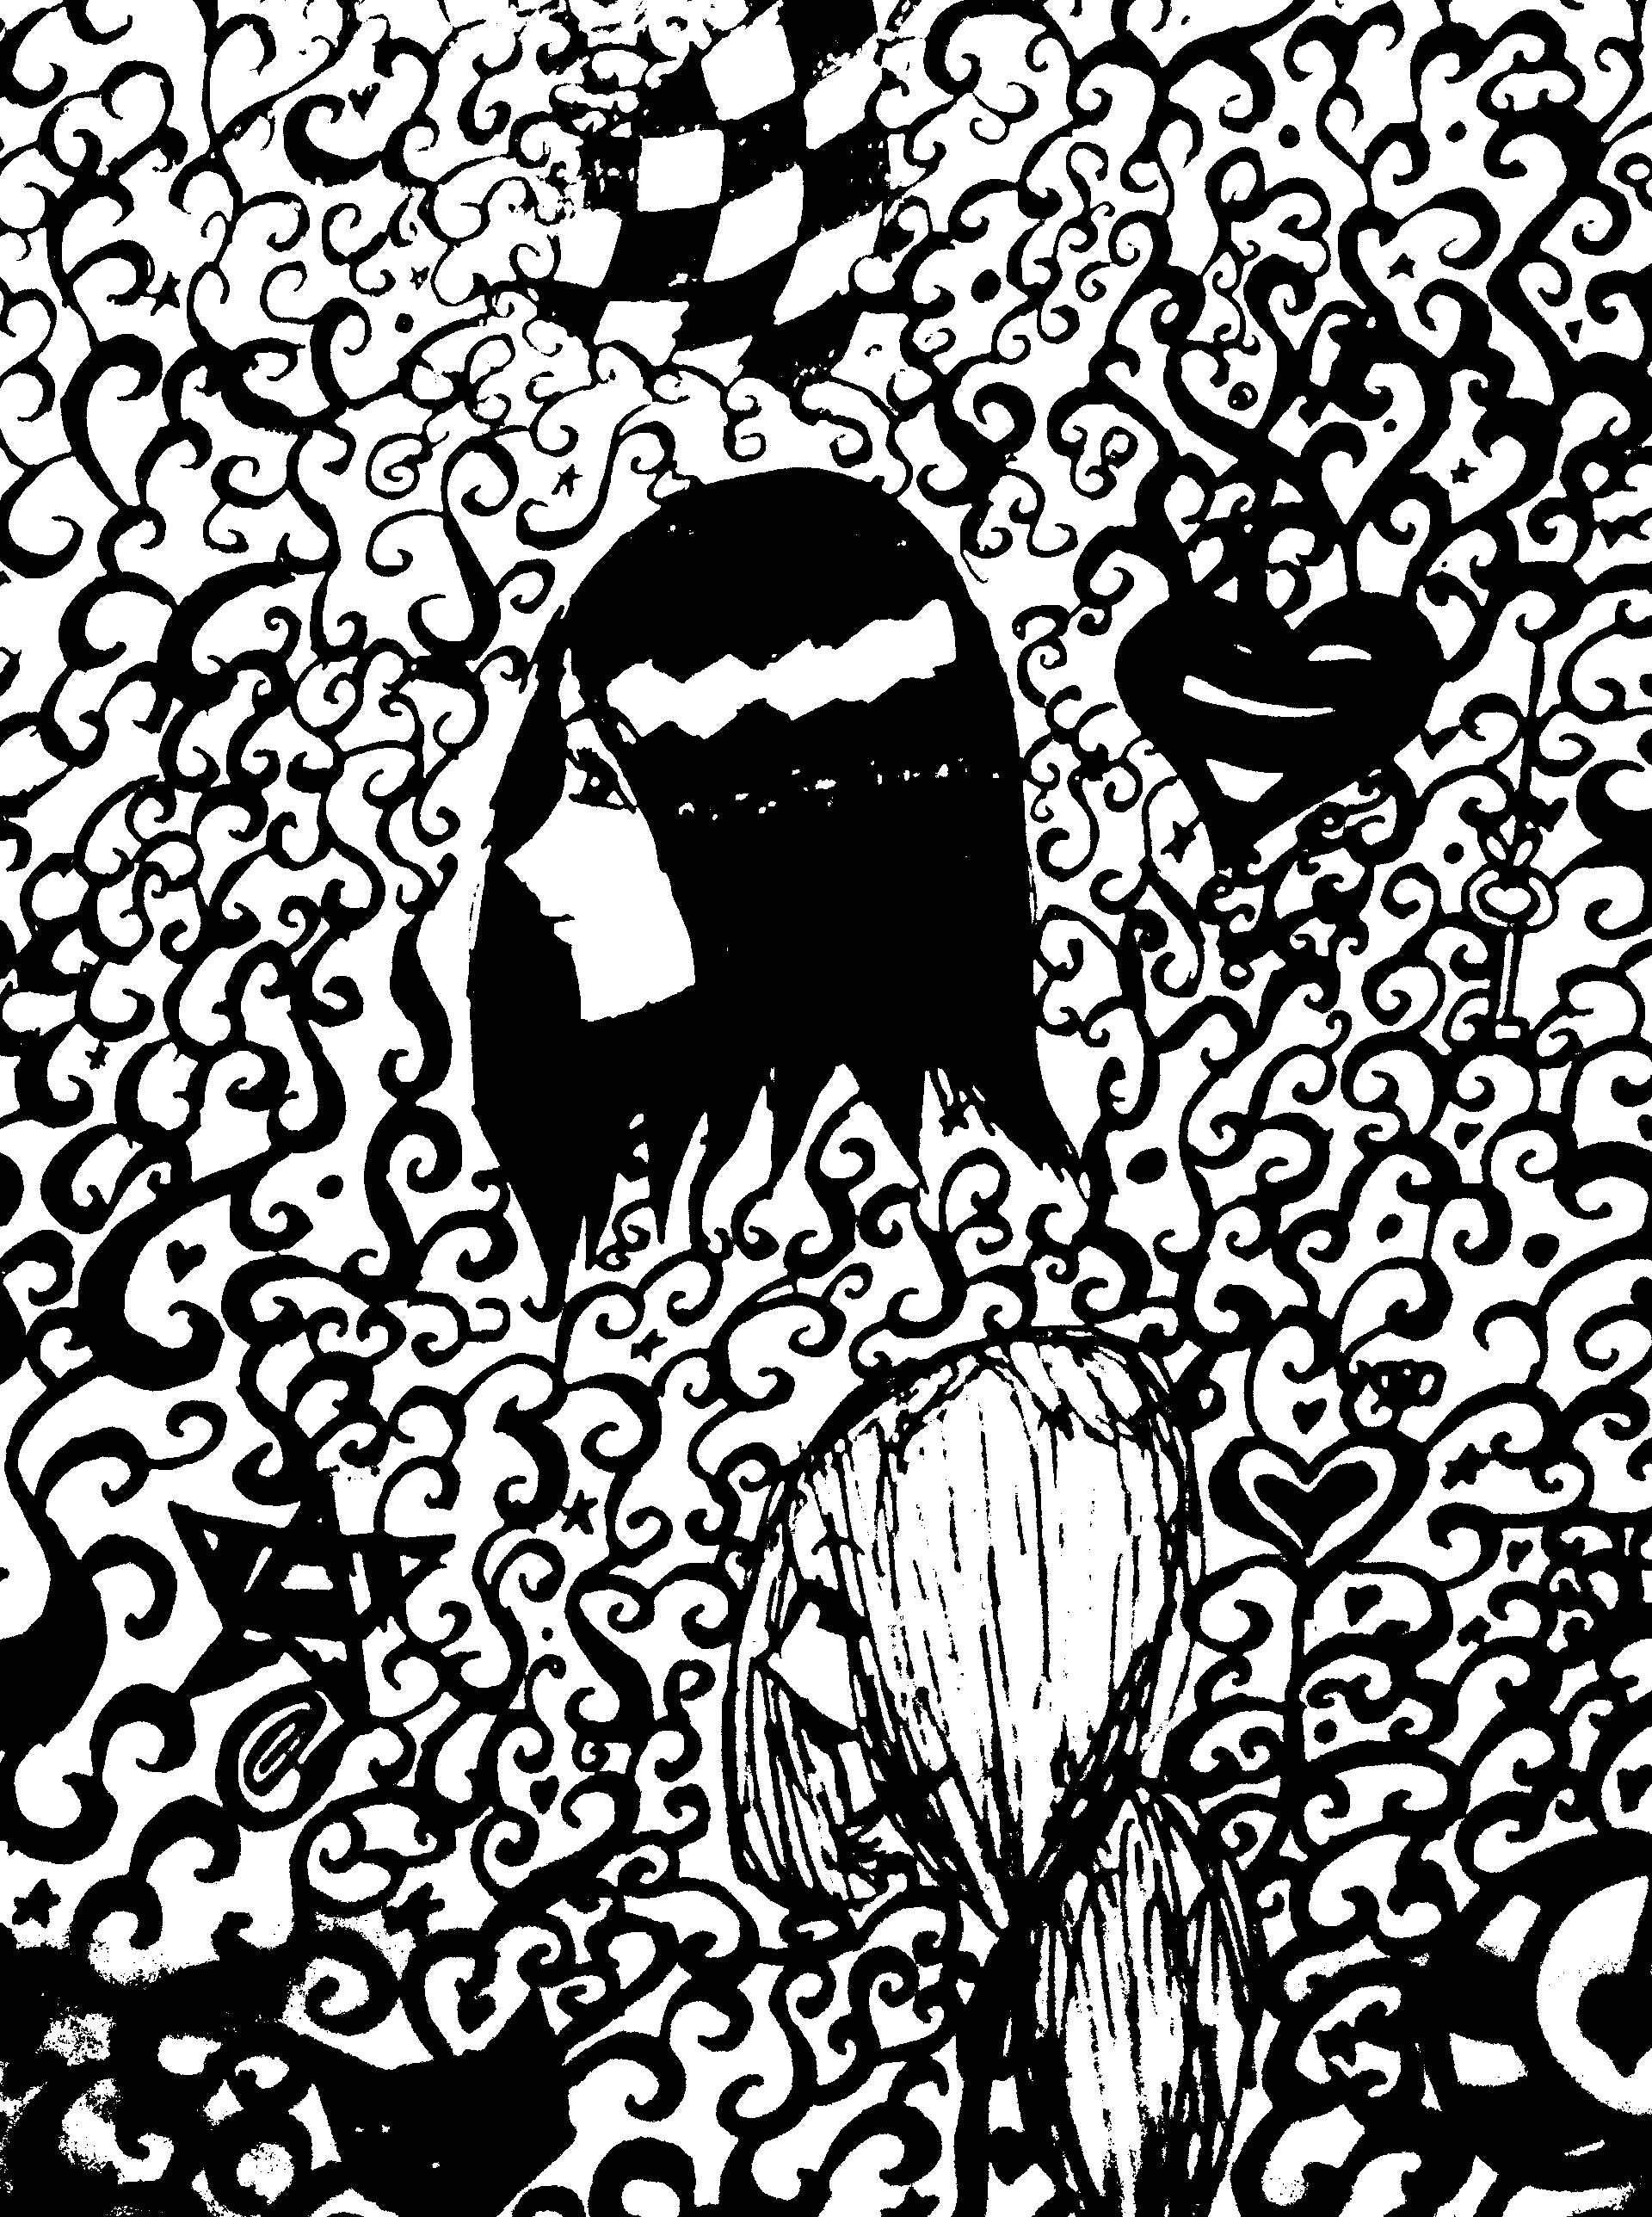 psychedelia.